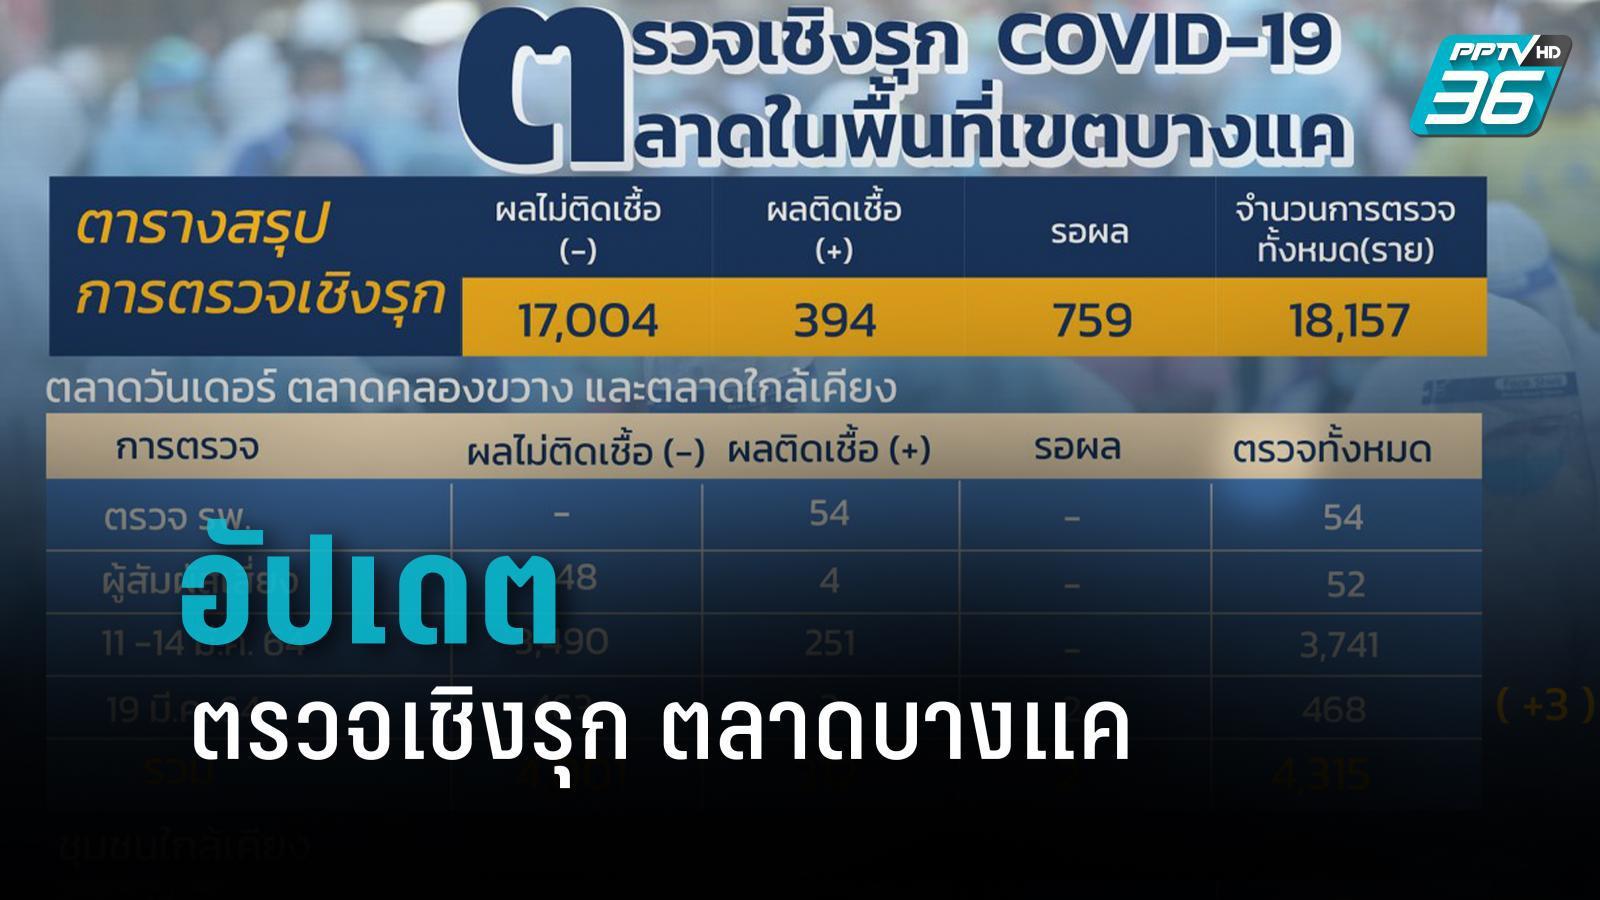 อัปเดต ตรวจเชิงรุกตลาดบางแค 18,157 ราย พบเชื้อ 394 ราย รอผล 759 ราย